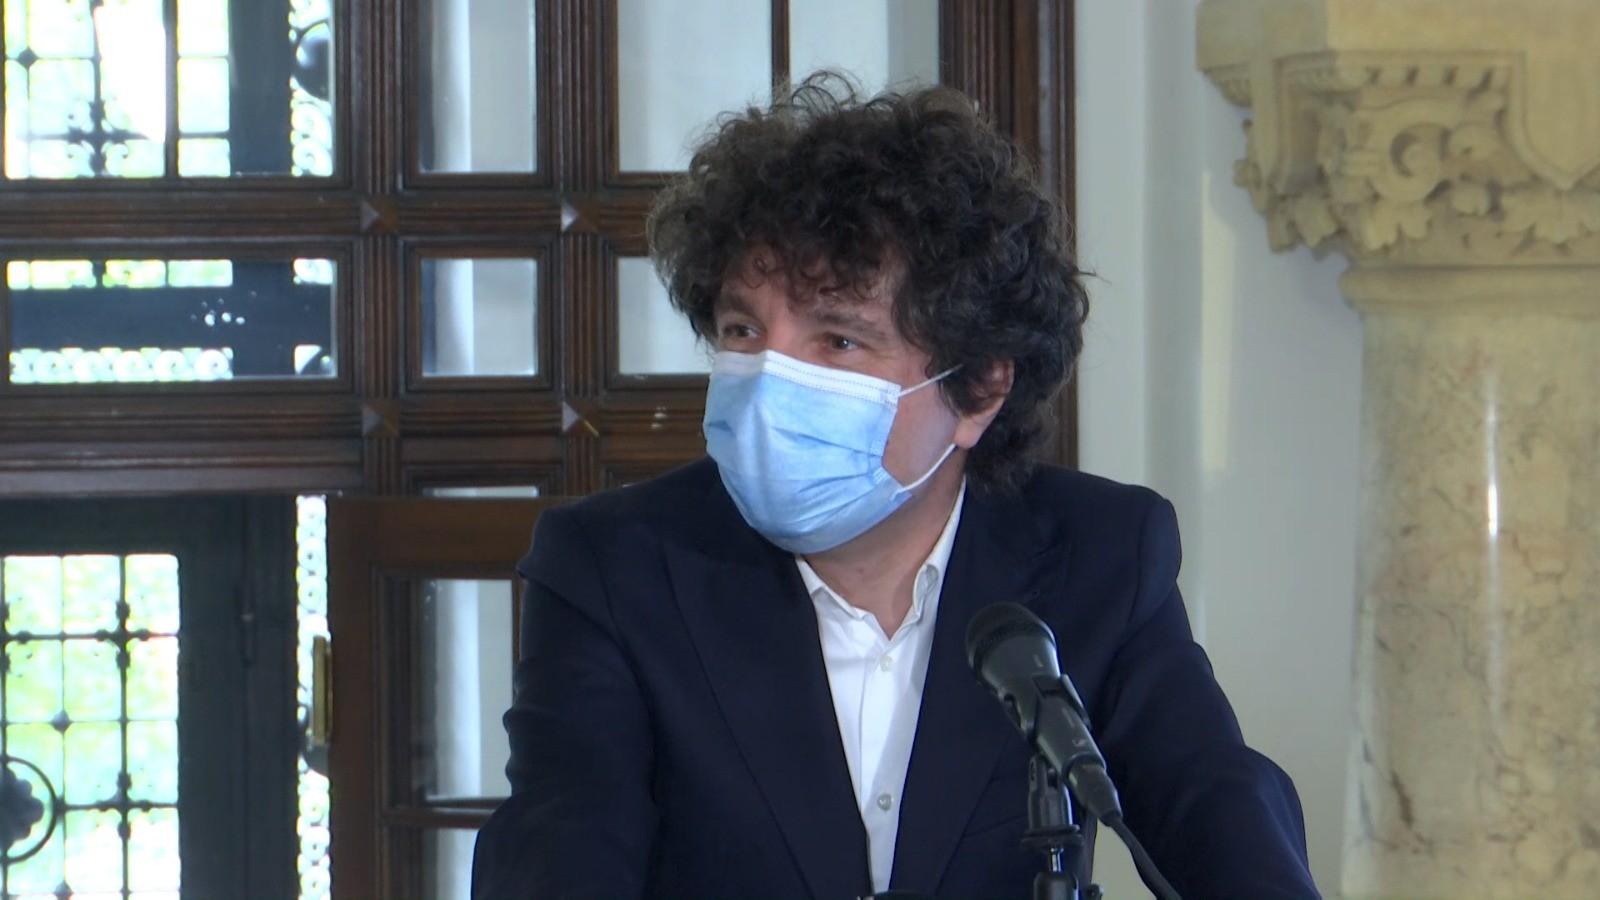 Nicușor Dan caută arhitecți și juriști. A dat drumul la angajări în Direcţia de Urbanism București